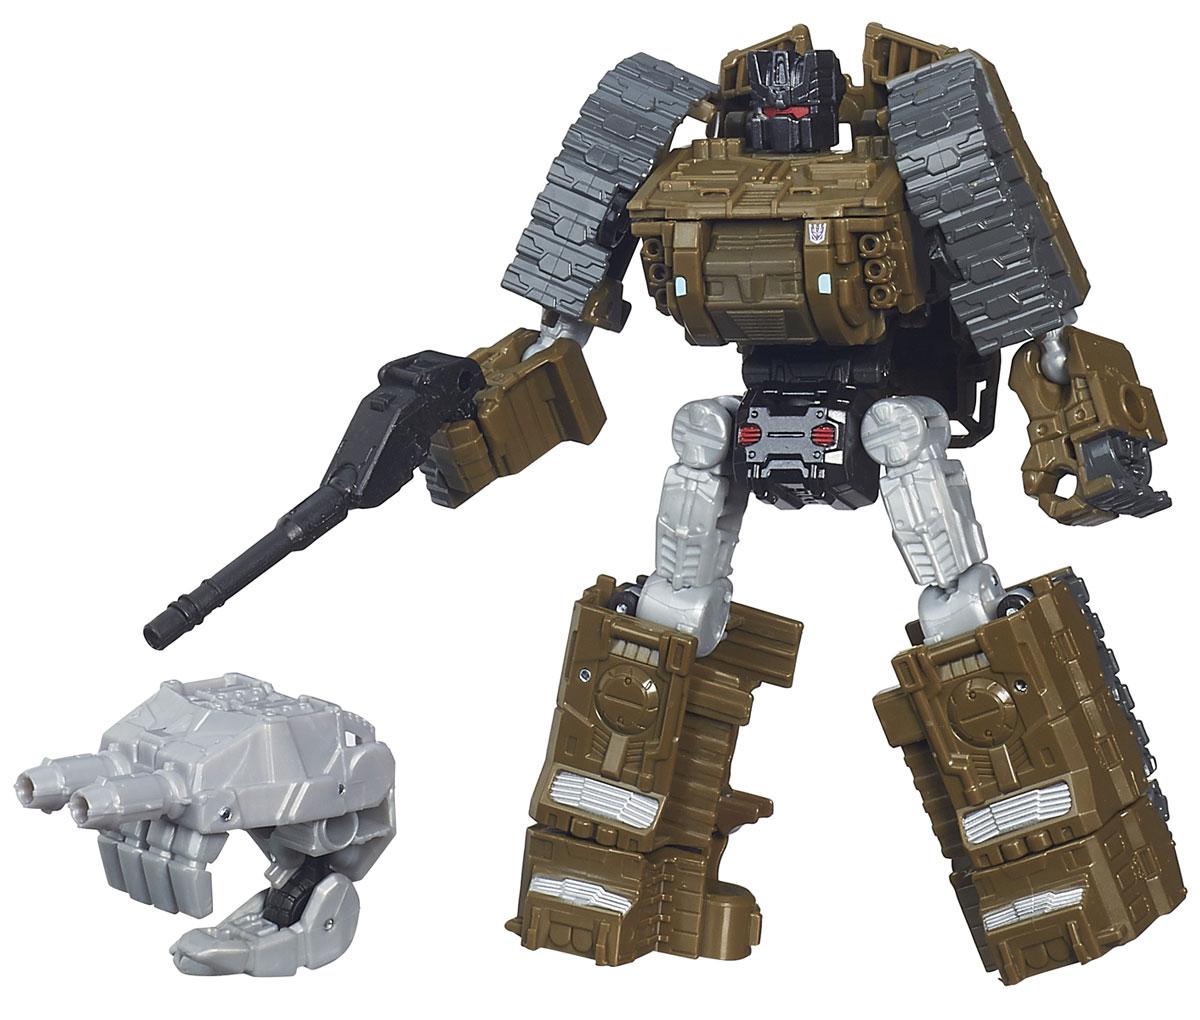 Transformers Трансформер BrawlB0974_B4660Трансформер Brawl обязательно понравится любому маленькому поклоннику знаменитых Трансформеров! Фигурка выполнена из прочного пластика в виде трансформера-Броула. В несколько простых шагов ребенок сможет трансформировать фигурку робота в боевой танк. Данный трансформер обладает огромной силой и практически неуязвим для обычной артиллерии. Броул фактически не умеет вести себя тихо, что легко выдает его еще до появления на поле боя. Ребенок с удовольствием будет играть с фигуркой, придумывая разные истории. Порадуйте его таким замечательным подарком!